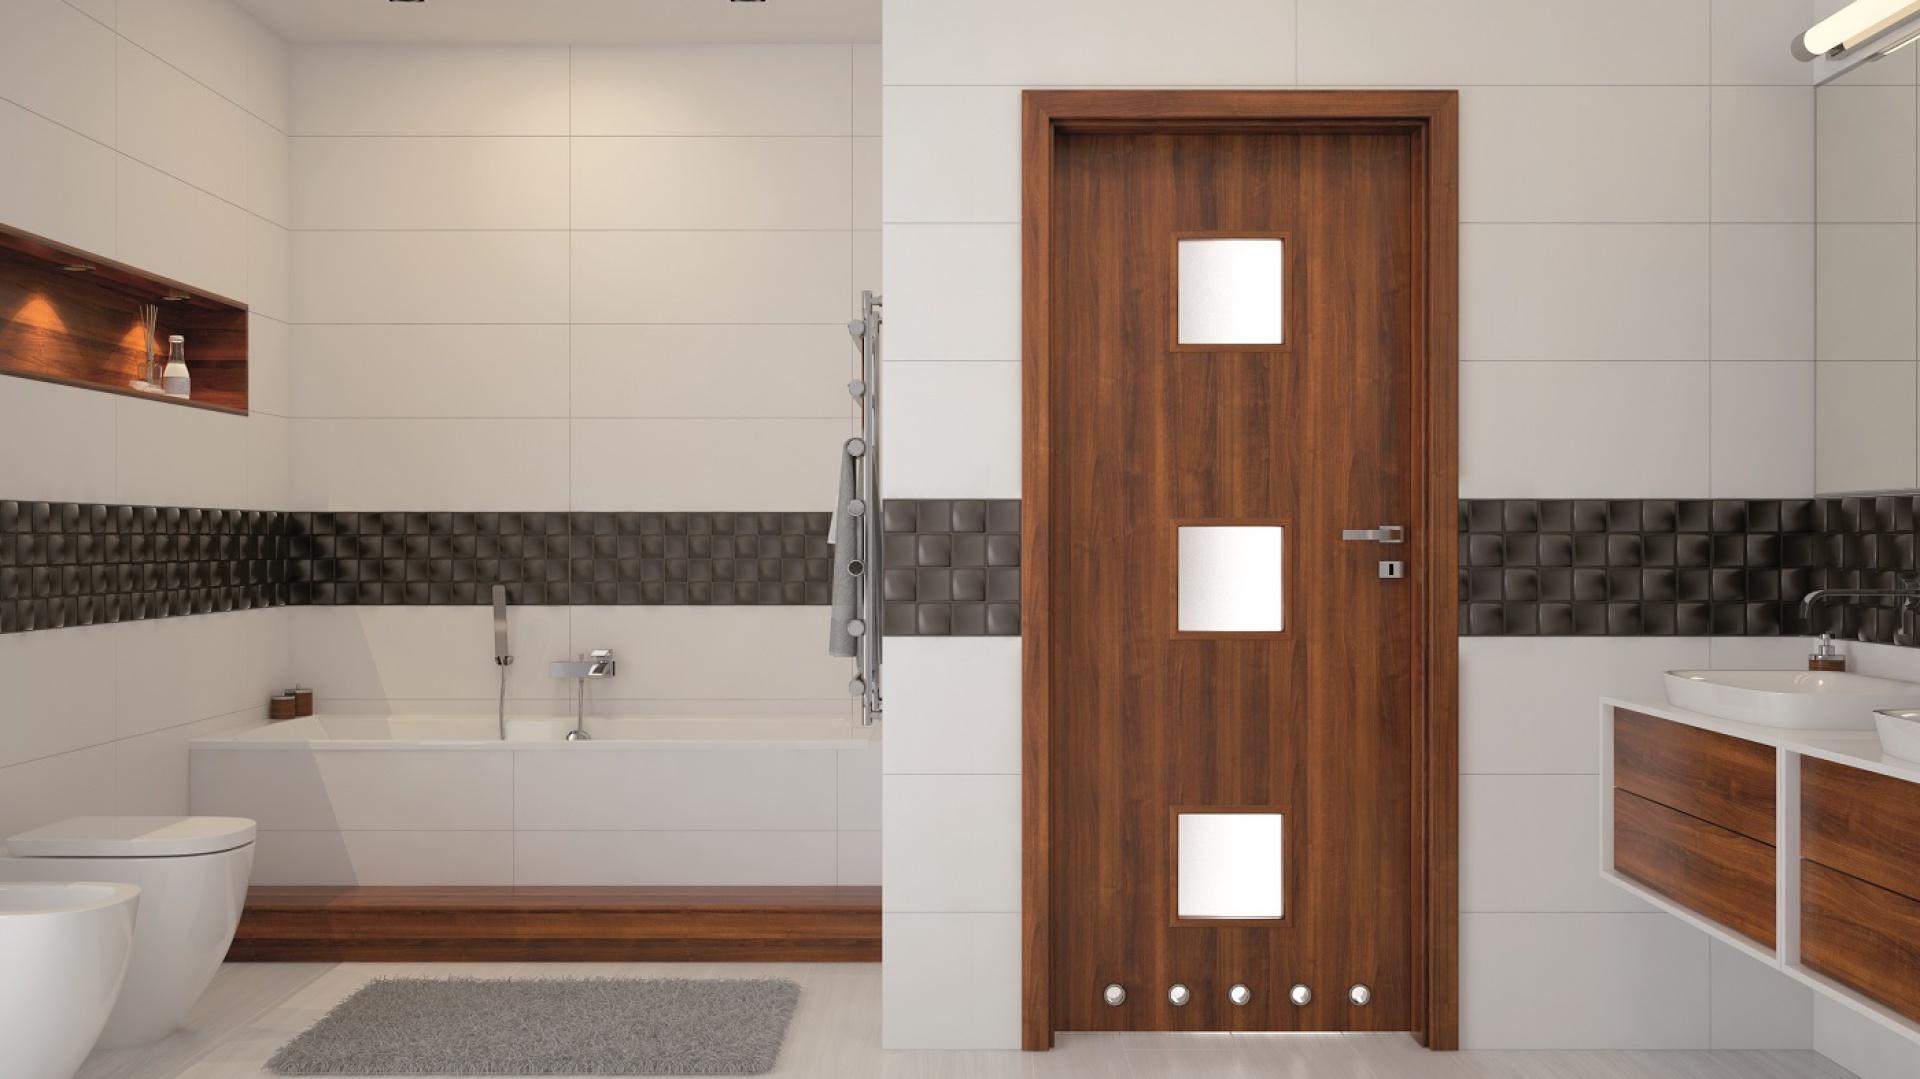 Nowoczesne drzwi do łazienki. Fot. Invado